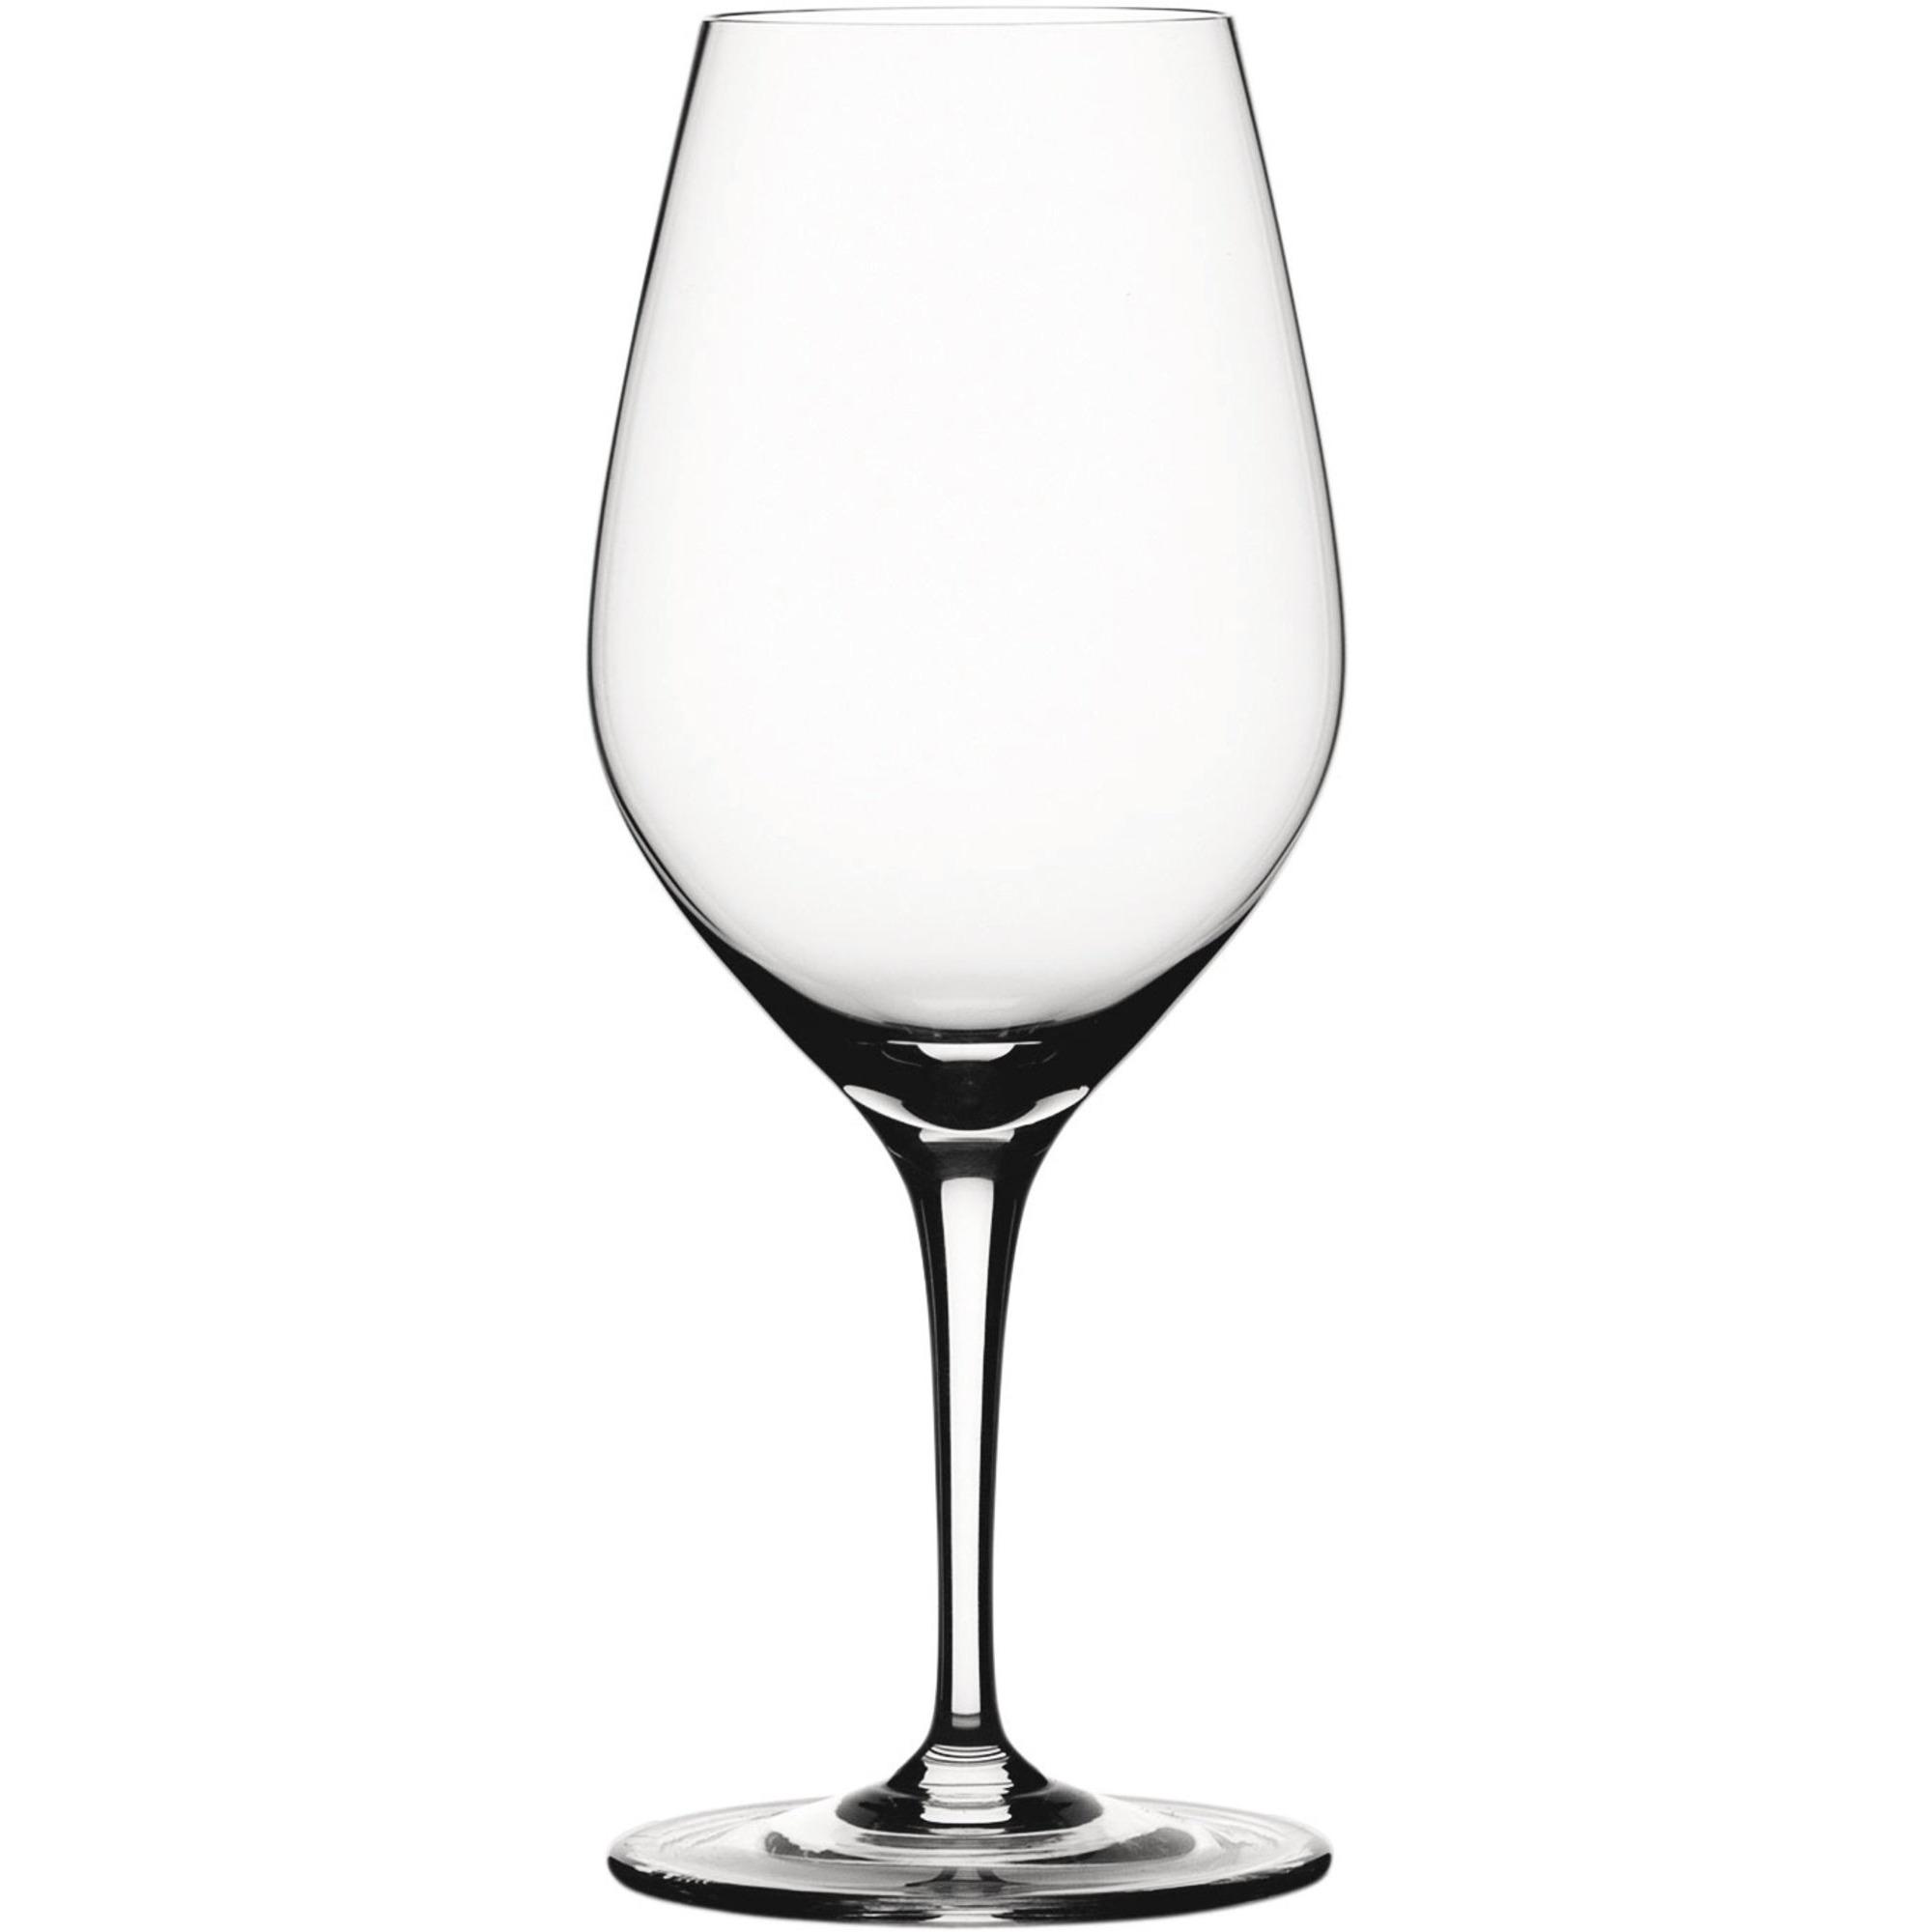 Spiegelau Authentis Vinprovarglas 32cl 4pack